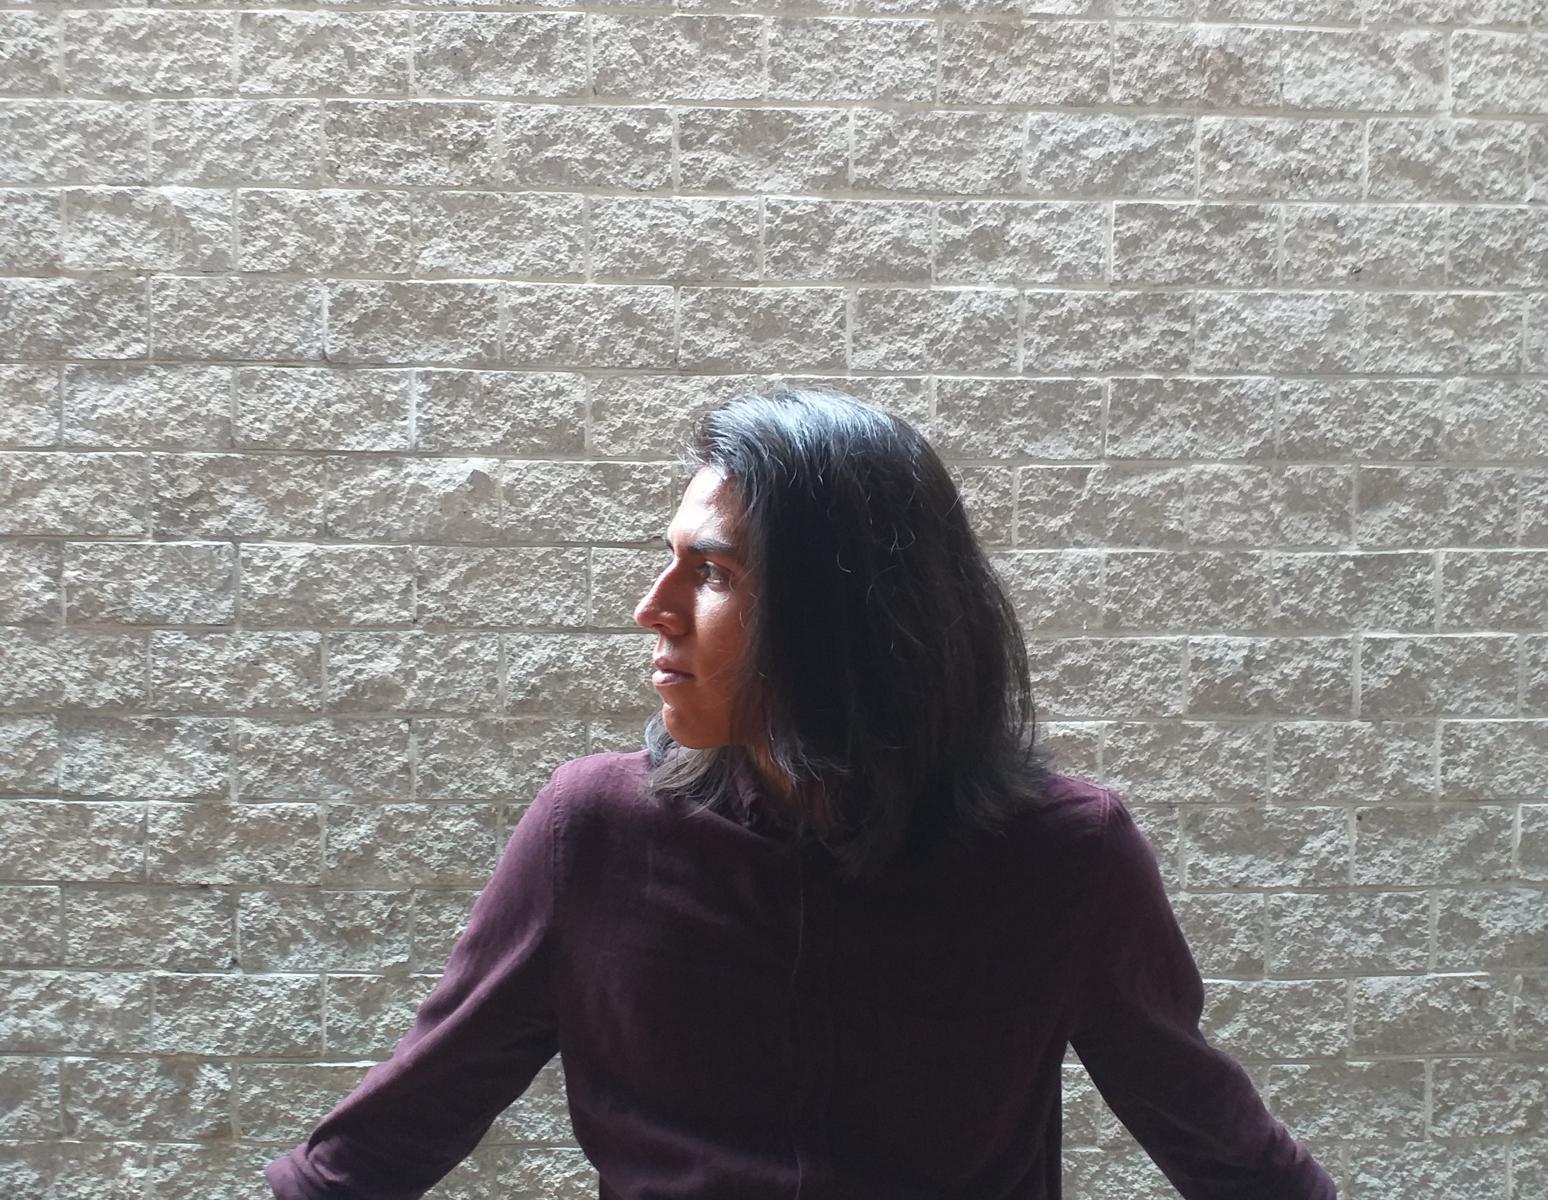 Josué Cabrera Serrano (Bogotá, 1996) escribe poemas de calidad variable hace diez años. Este año recibió un correo con un diploma en formato PDF que lo definía como Literato. Hace cinco años trabaja en diversos proyectos relacionados con escritura creativa, autoedición y gestión cultural en Bogotá. Le gusta mucho el pan.